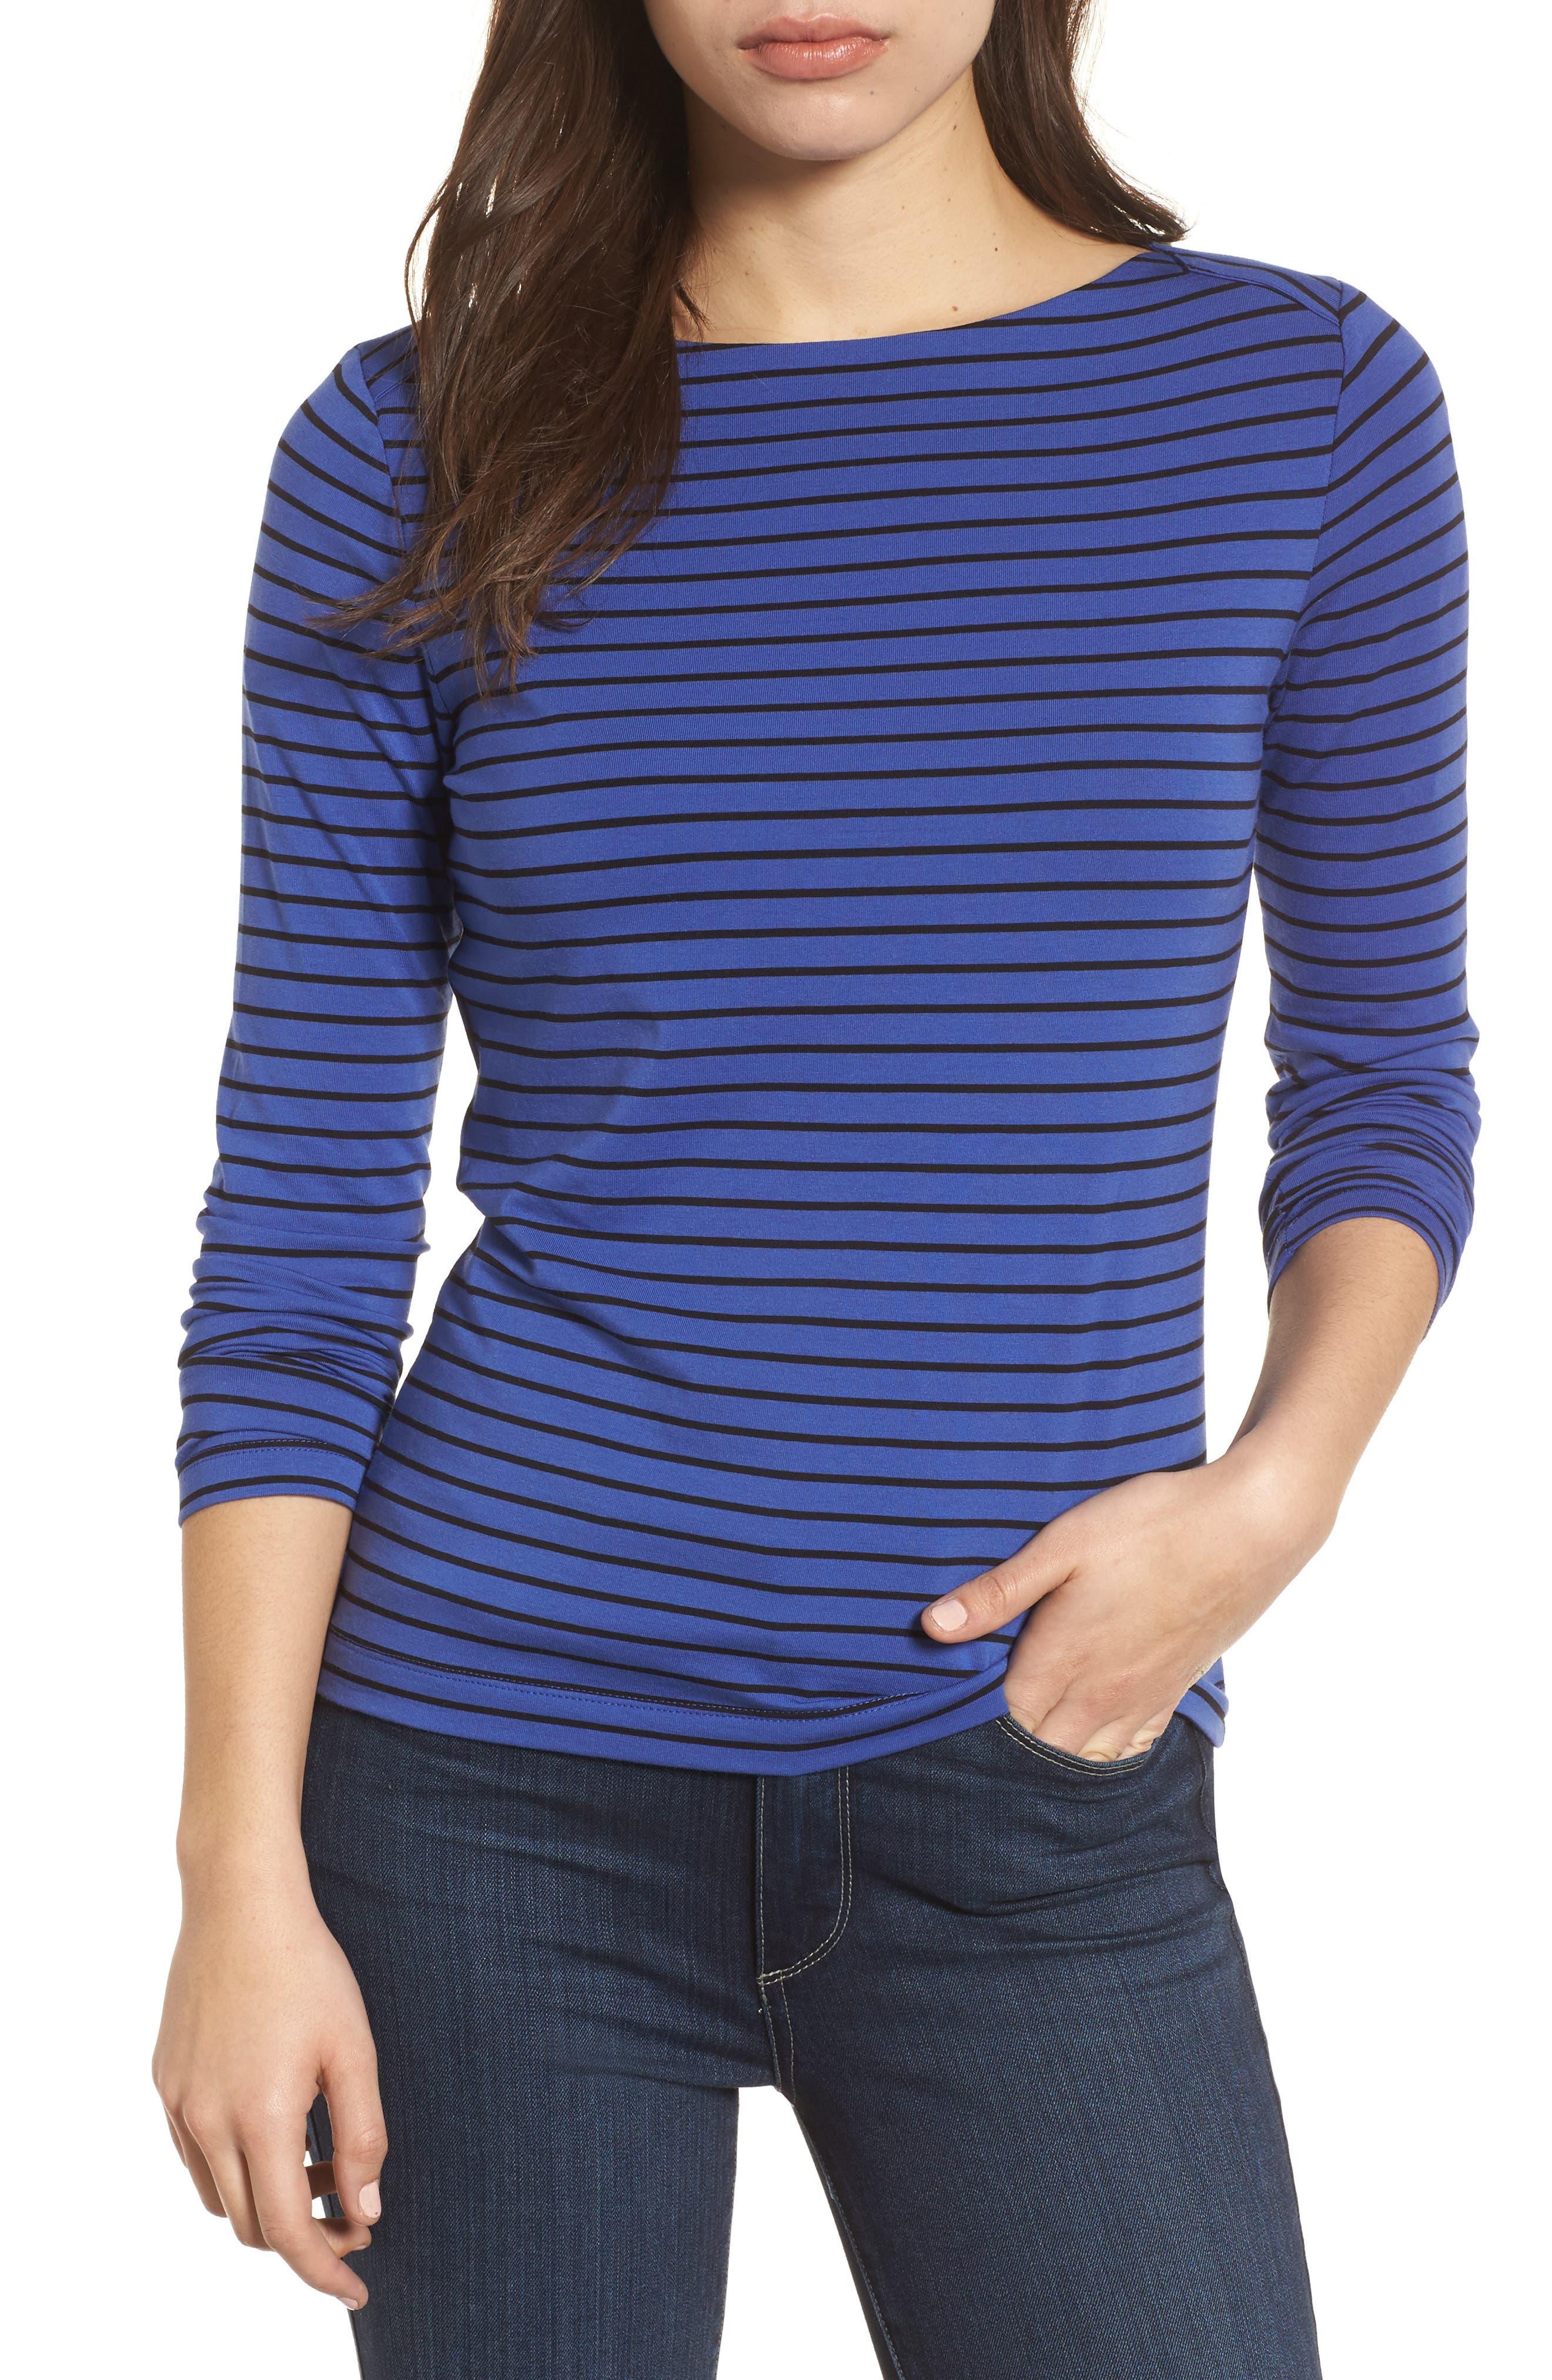 Alternate Image 1 Selected - Anne Klein Stripe Knit Boatneck Top